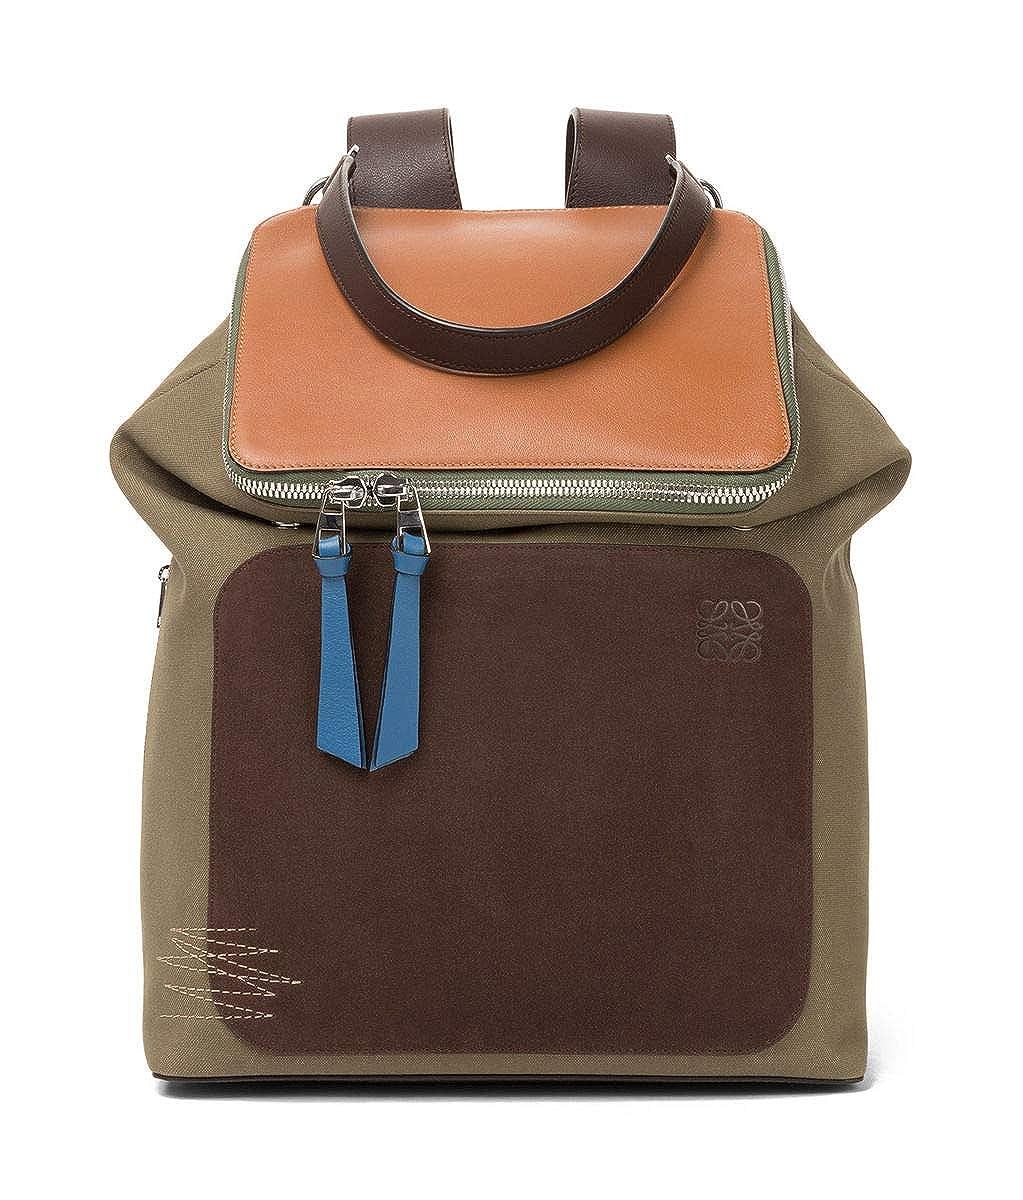 (ロエベ) LOEWE バッグ リュック ゴヤ バックパック チョコ茶色カーキ緑タン (並行輸入品) One Size Choc Brown/Khaki Green/Tan B07H2X1X1Z